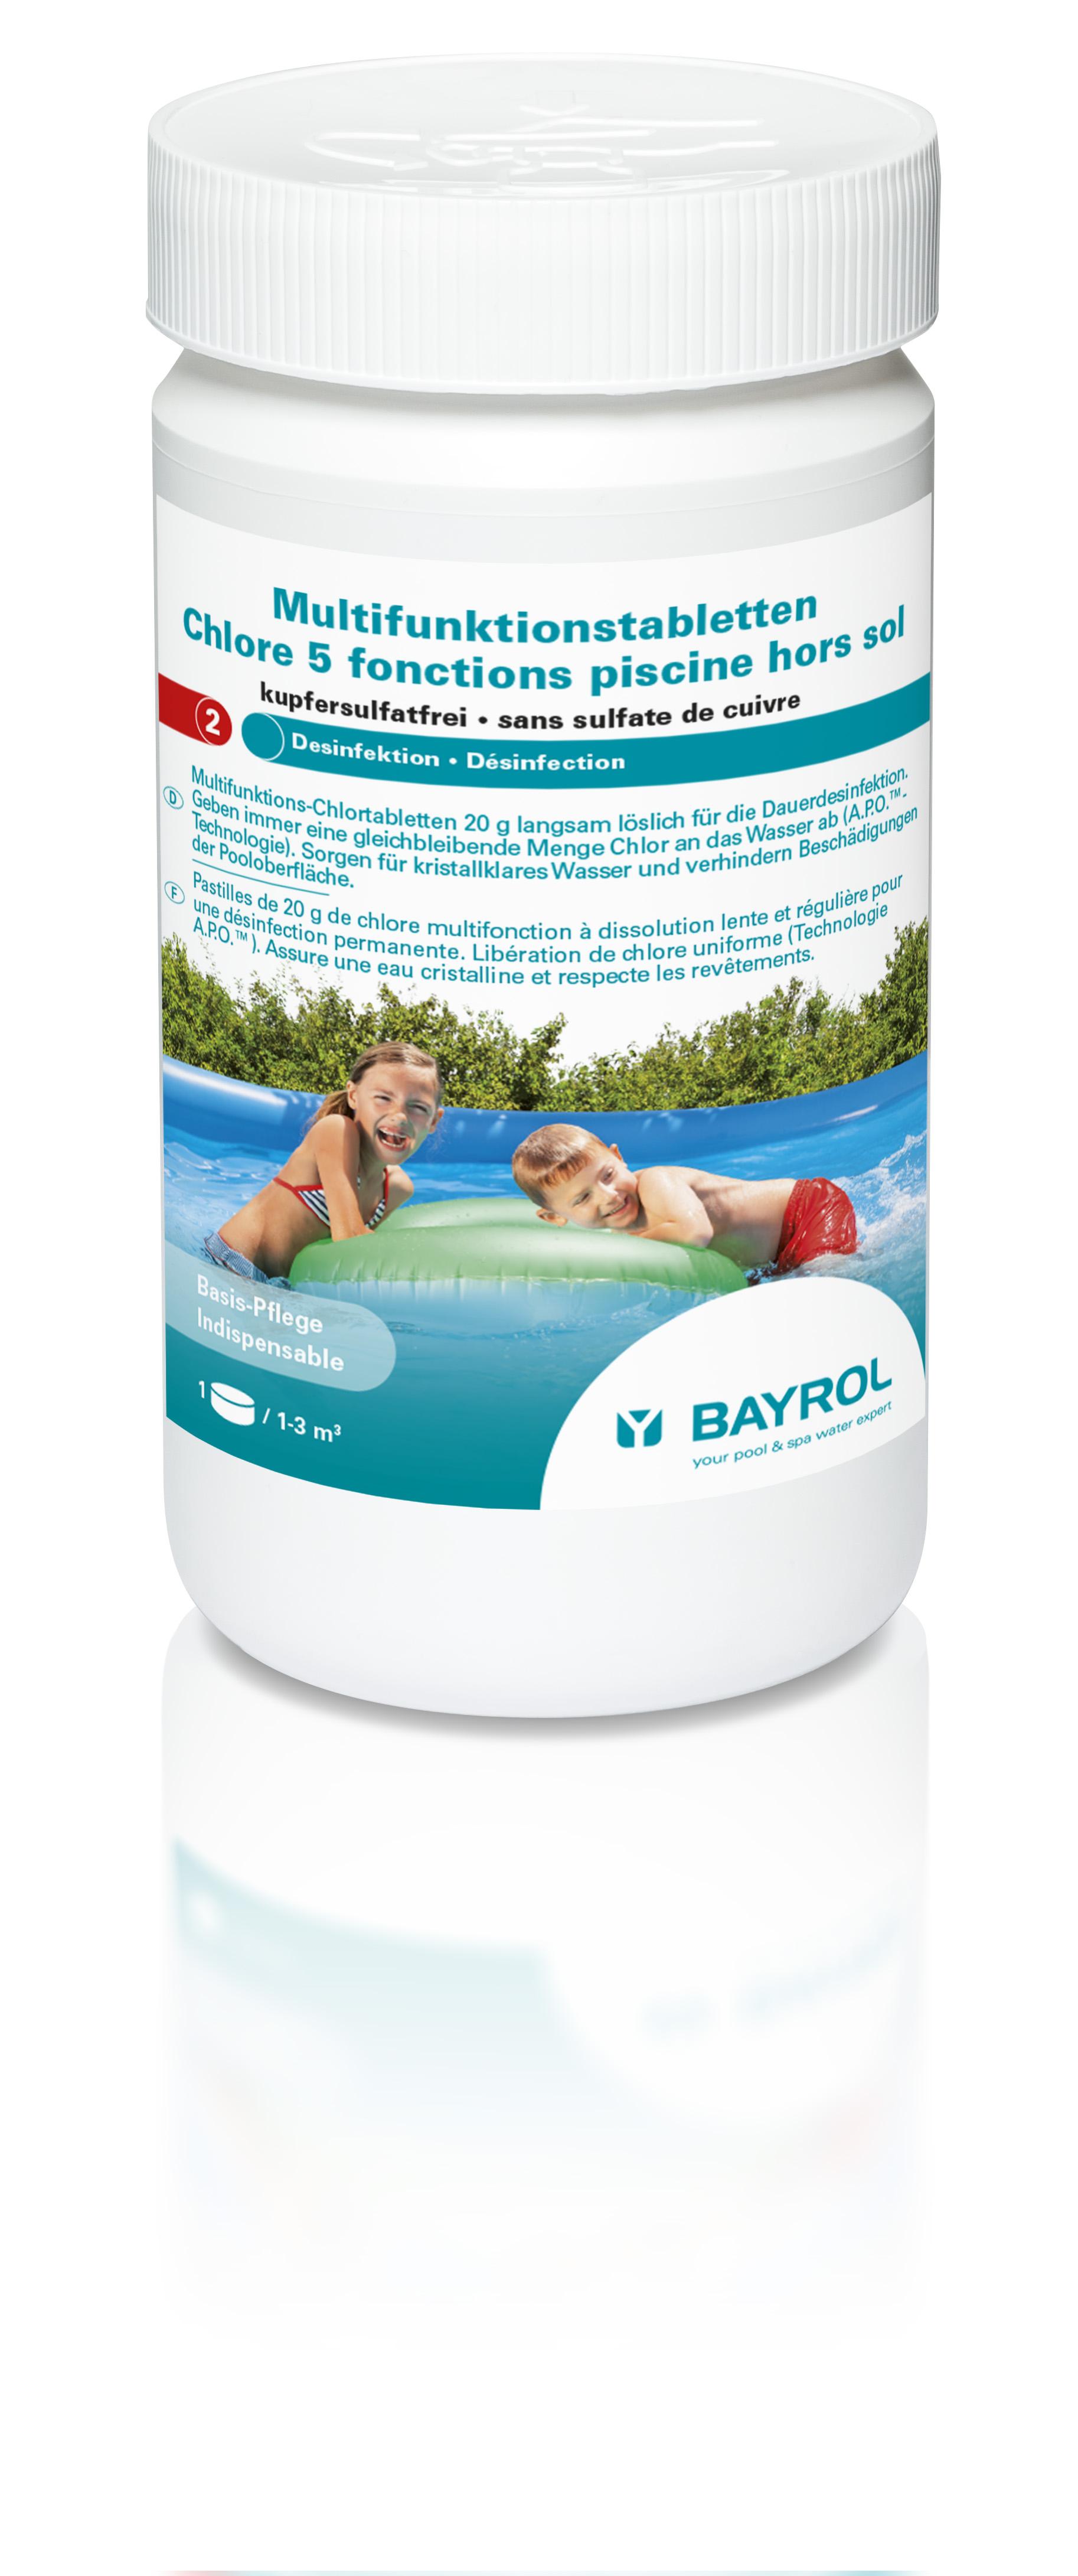 BAYROL Multifunktionstabletten 1 kg